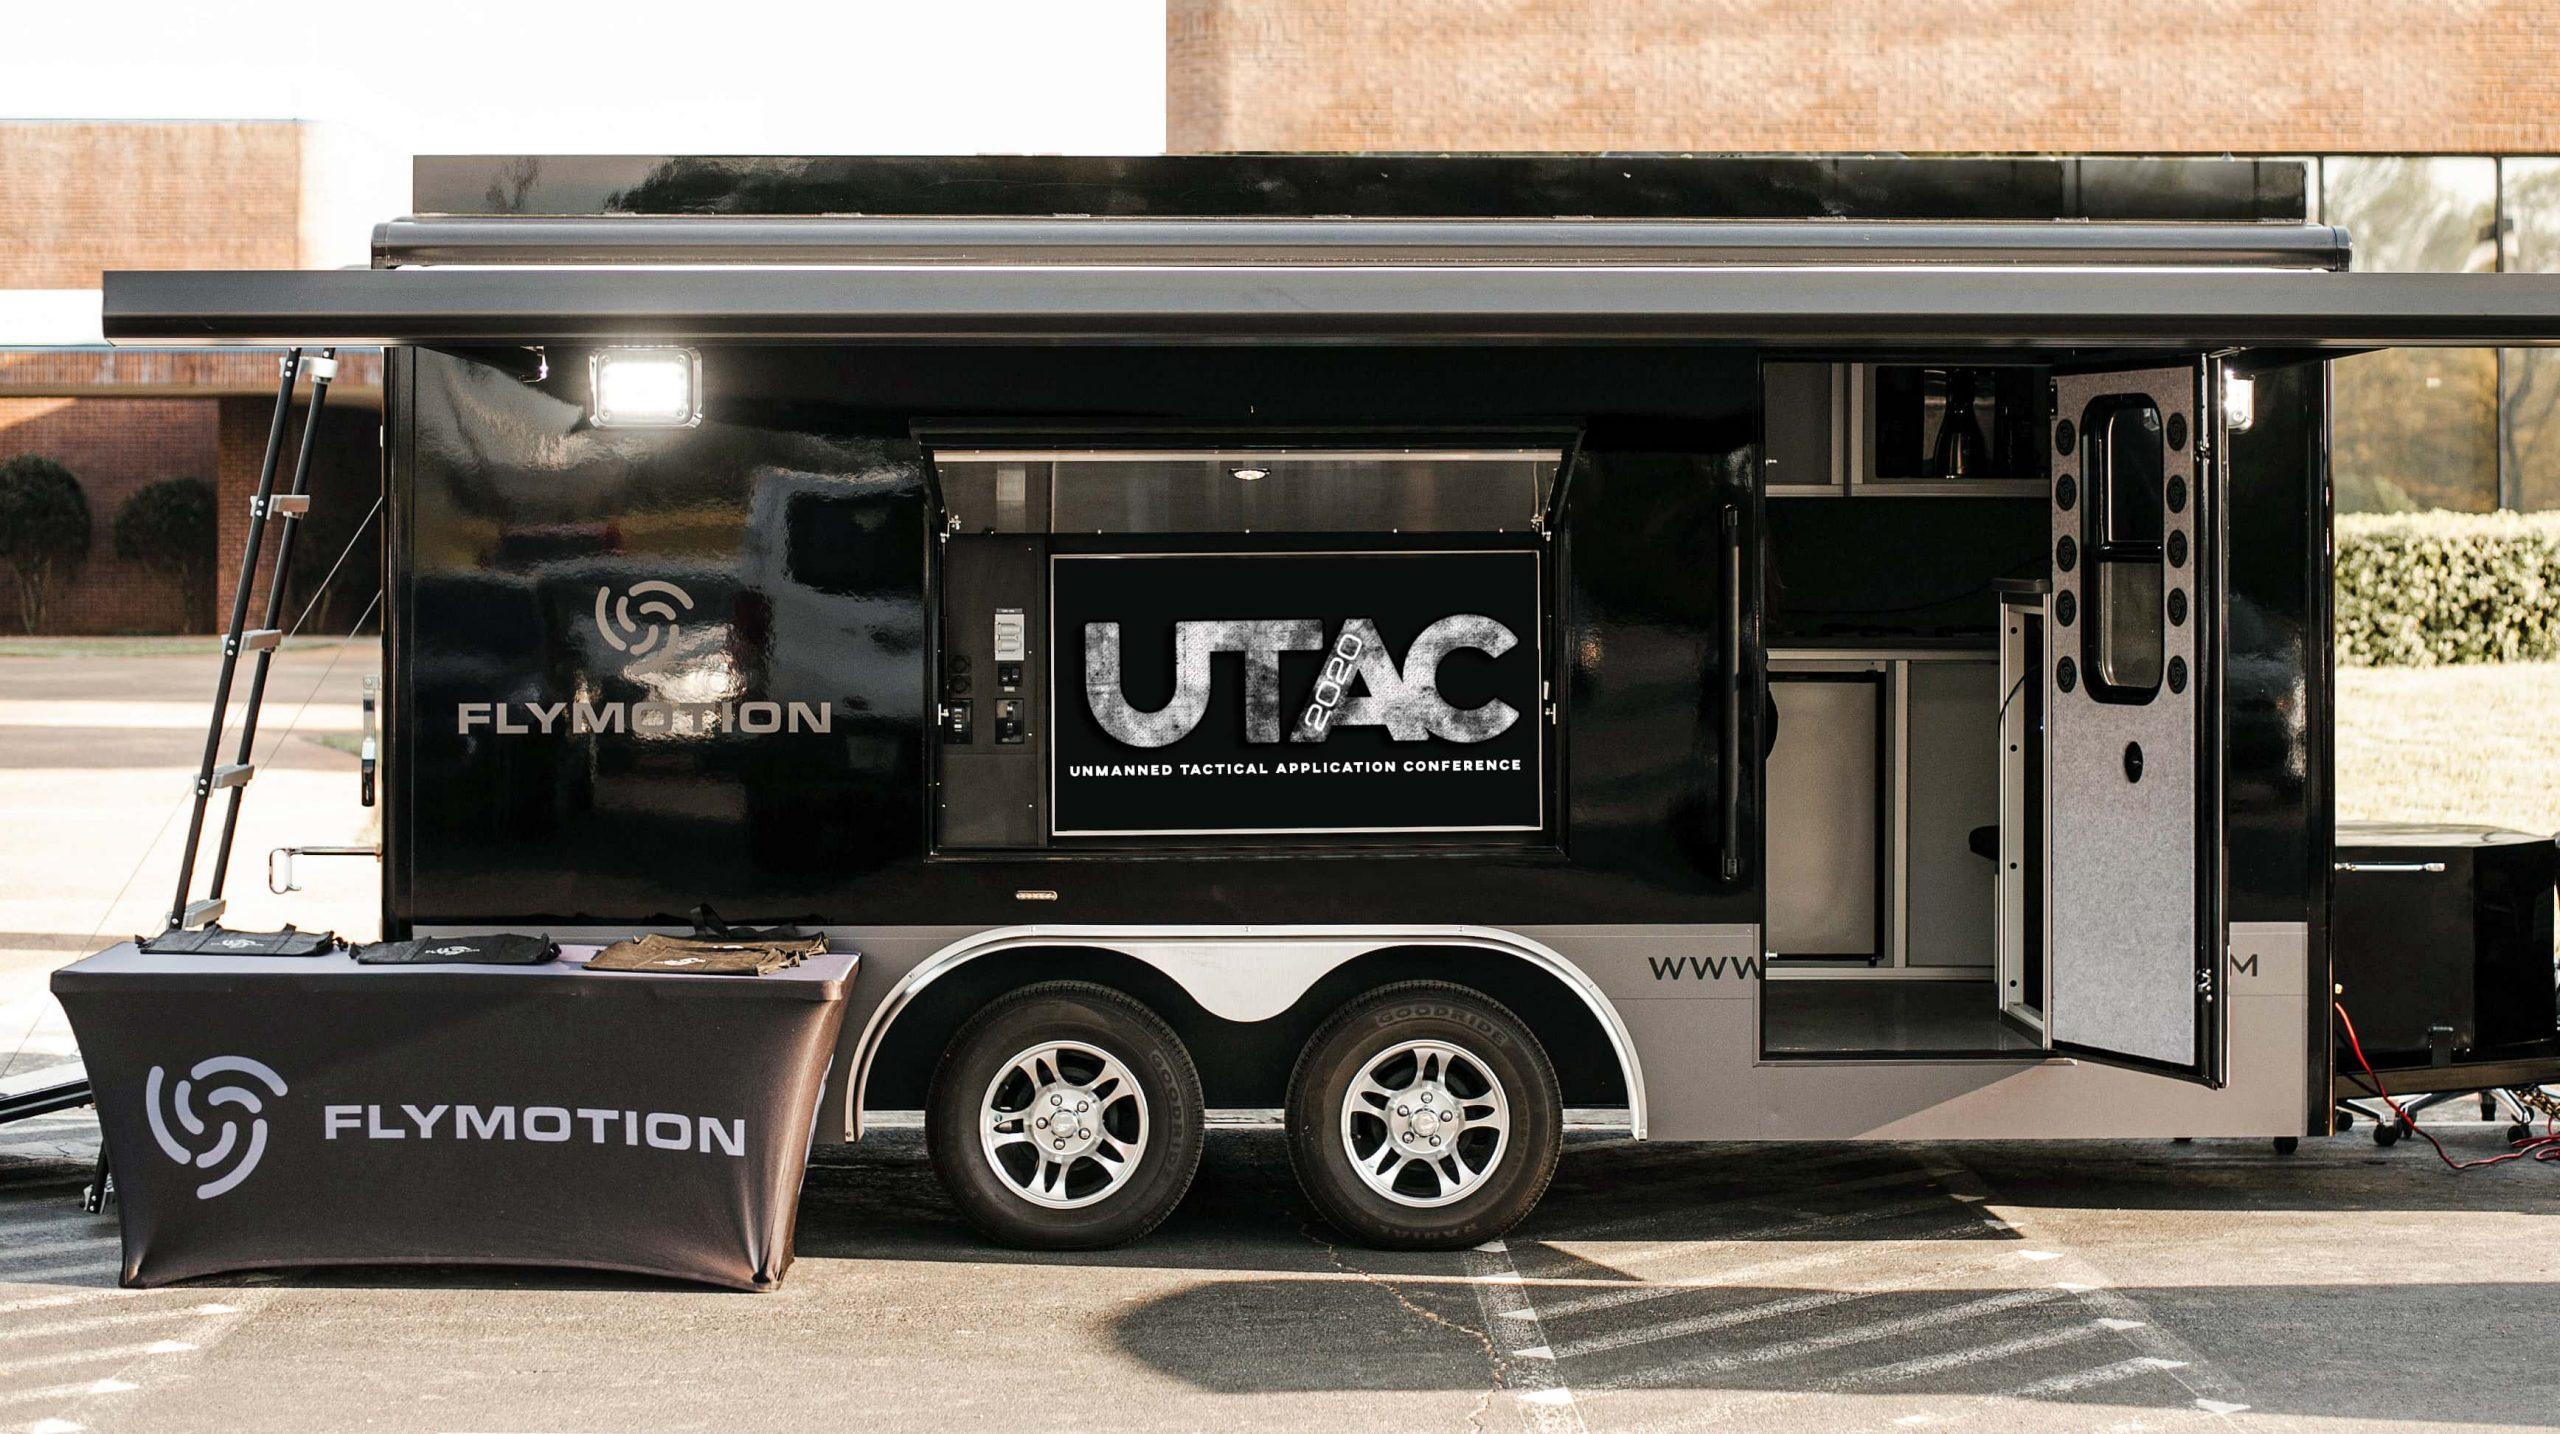 UTAC Global 2020